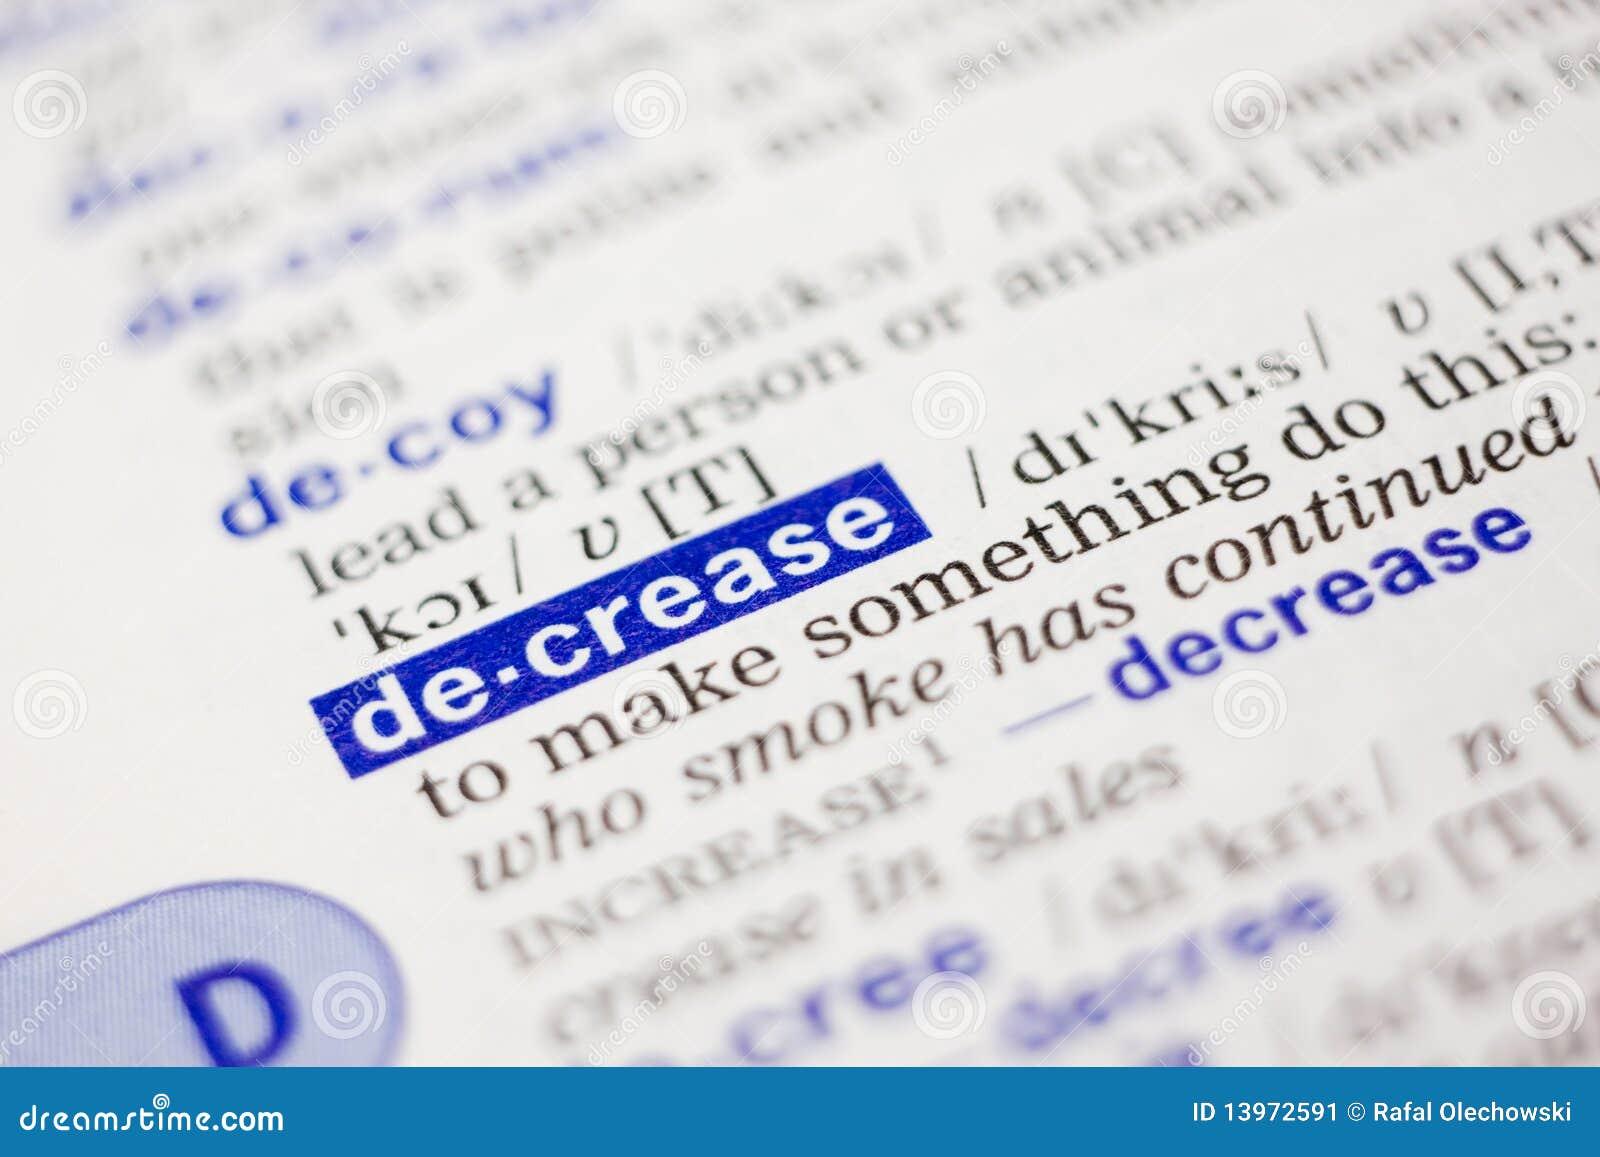 Definição de dicionário da diminuição da palavra no azul